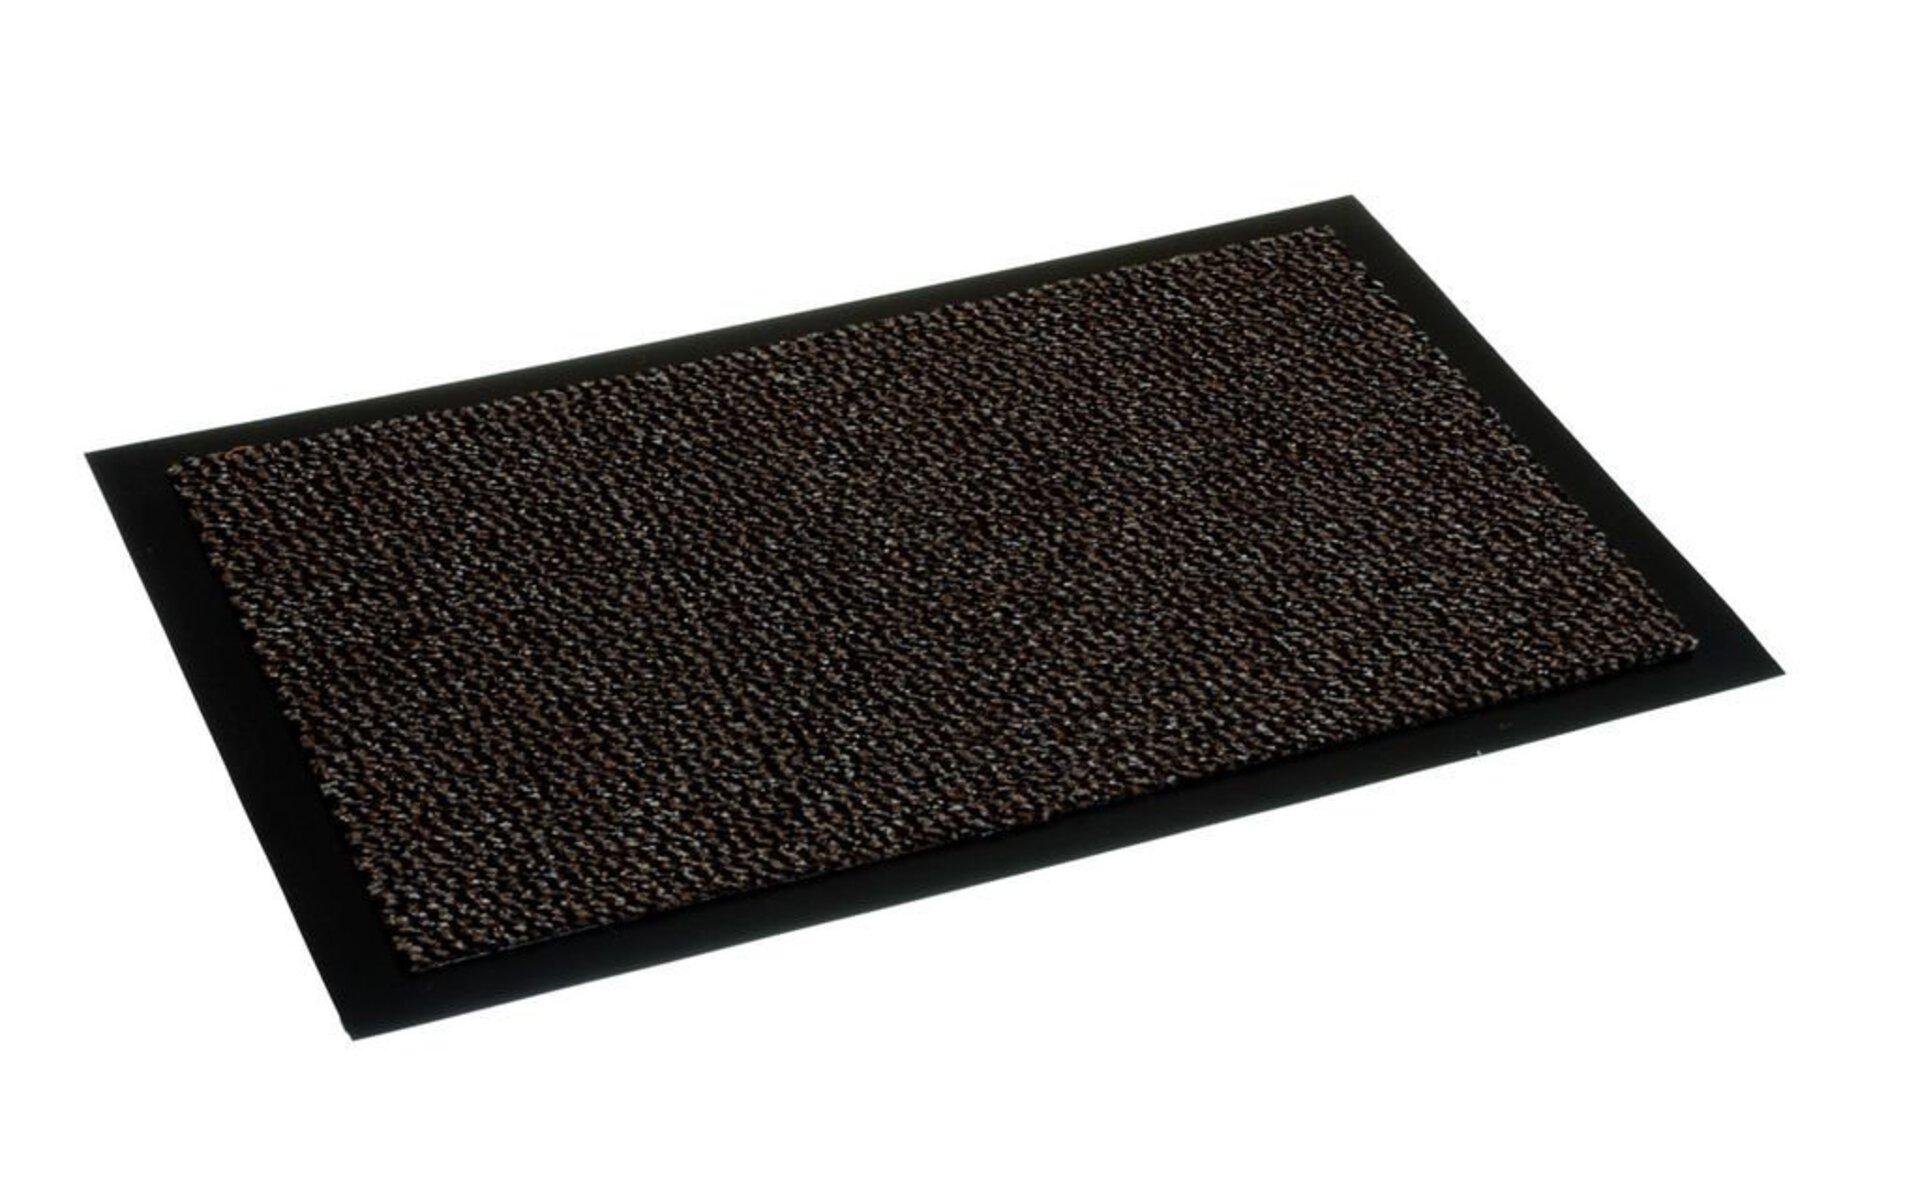 Läufer Saphir Astra Textil braun 90 x 150 cm